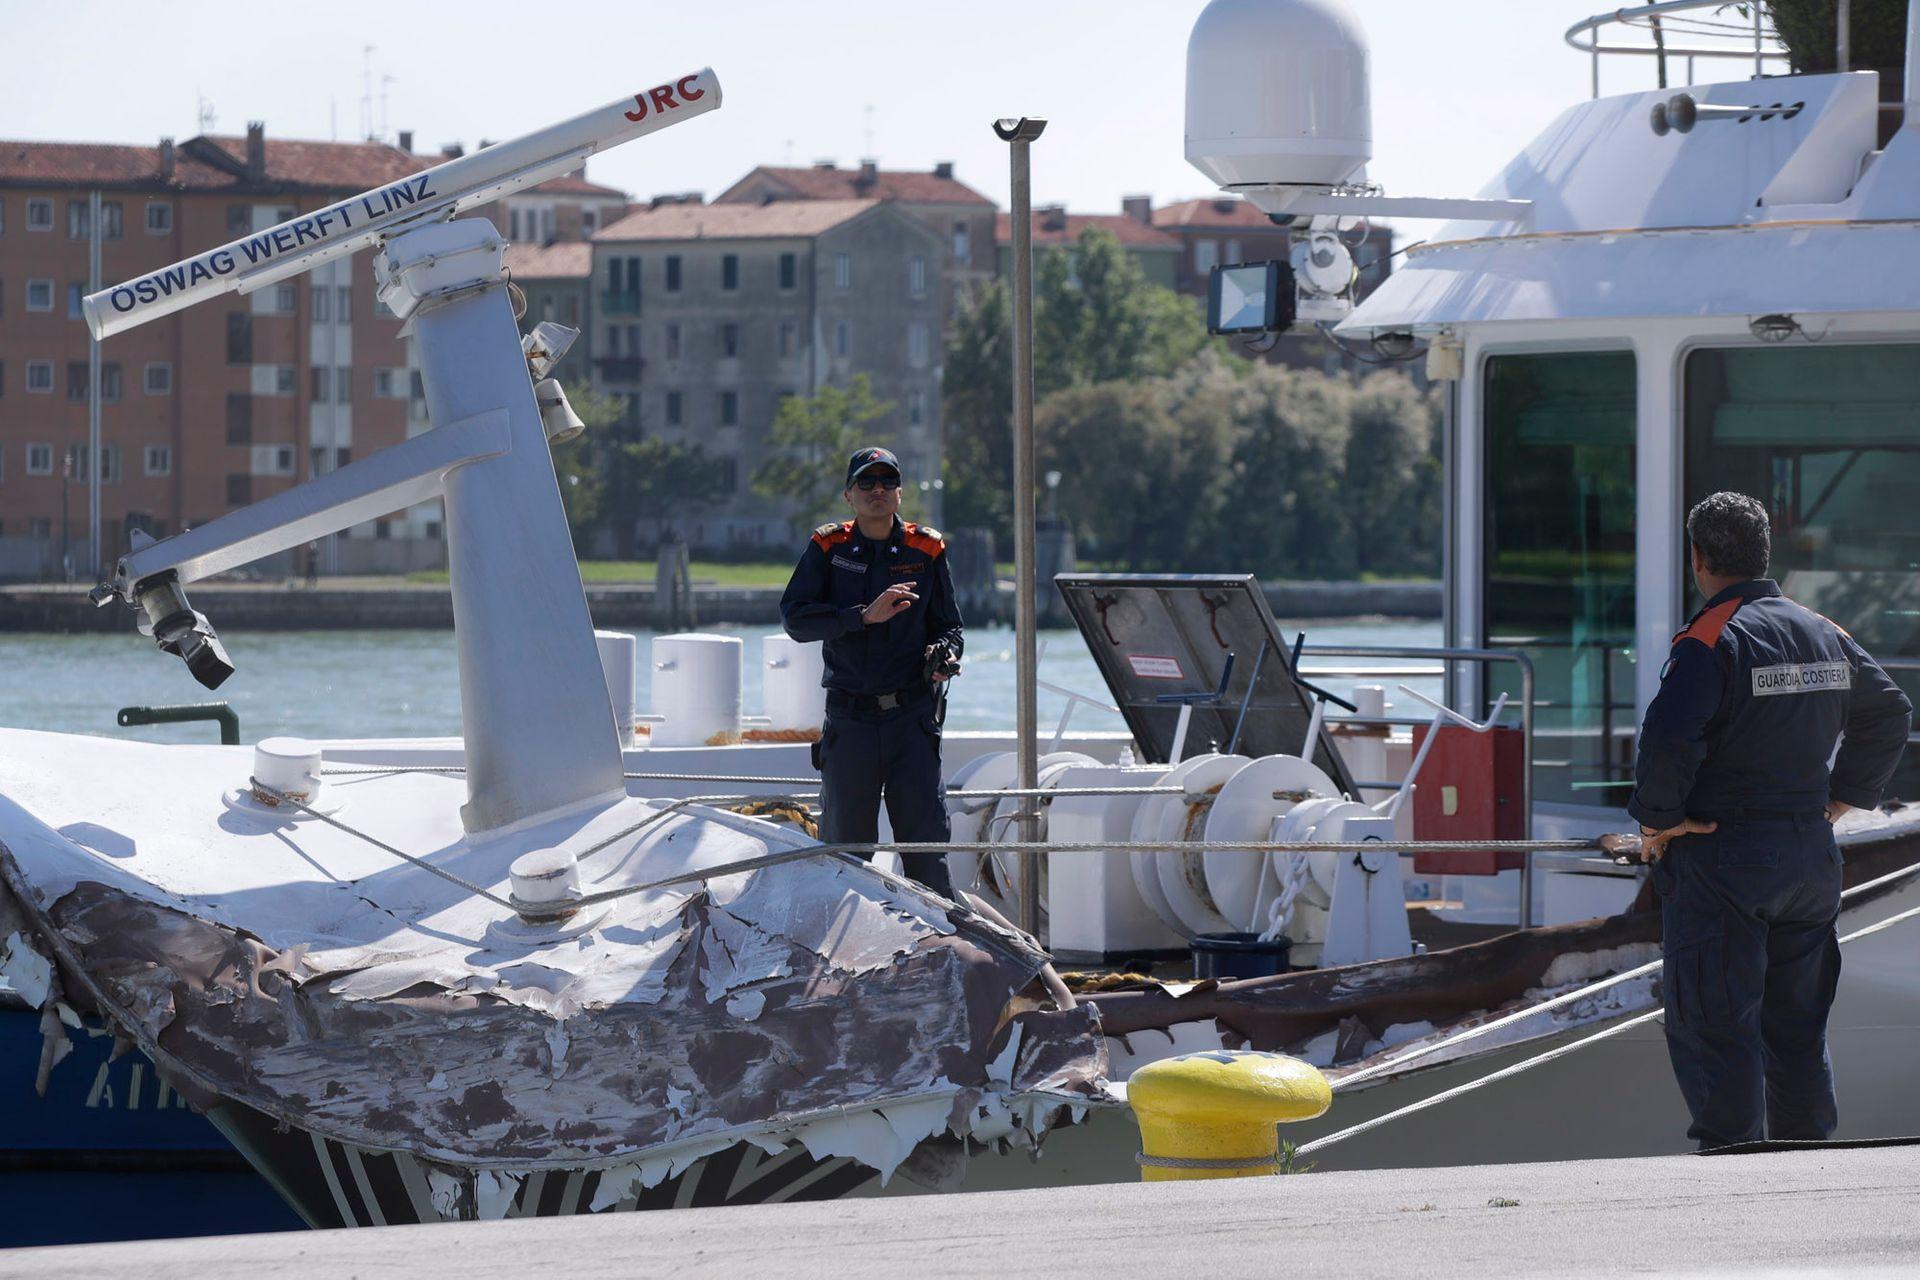 El accidente ocurrió en el canal de Giudecca, un acceso que lleva a la Plaza de San Marcos en Venecia